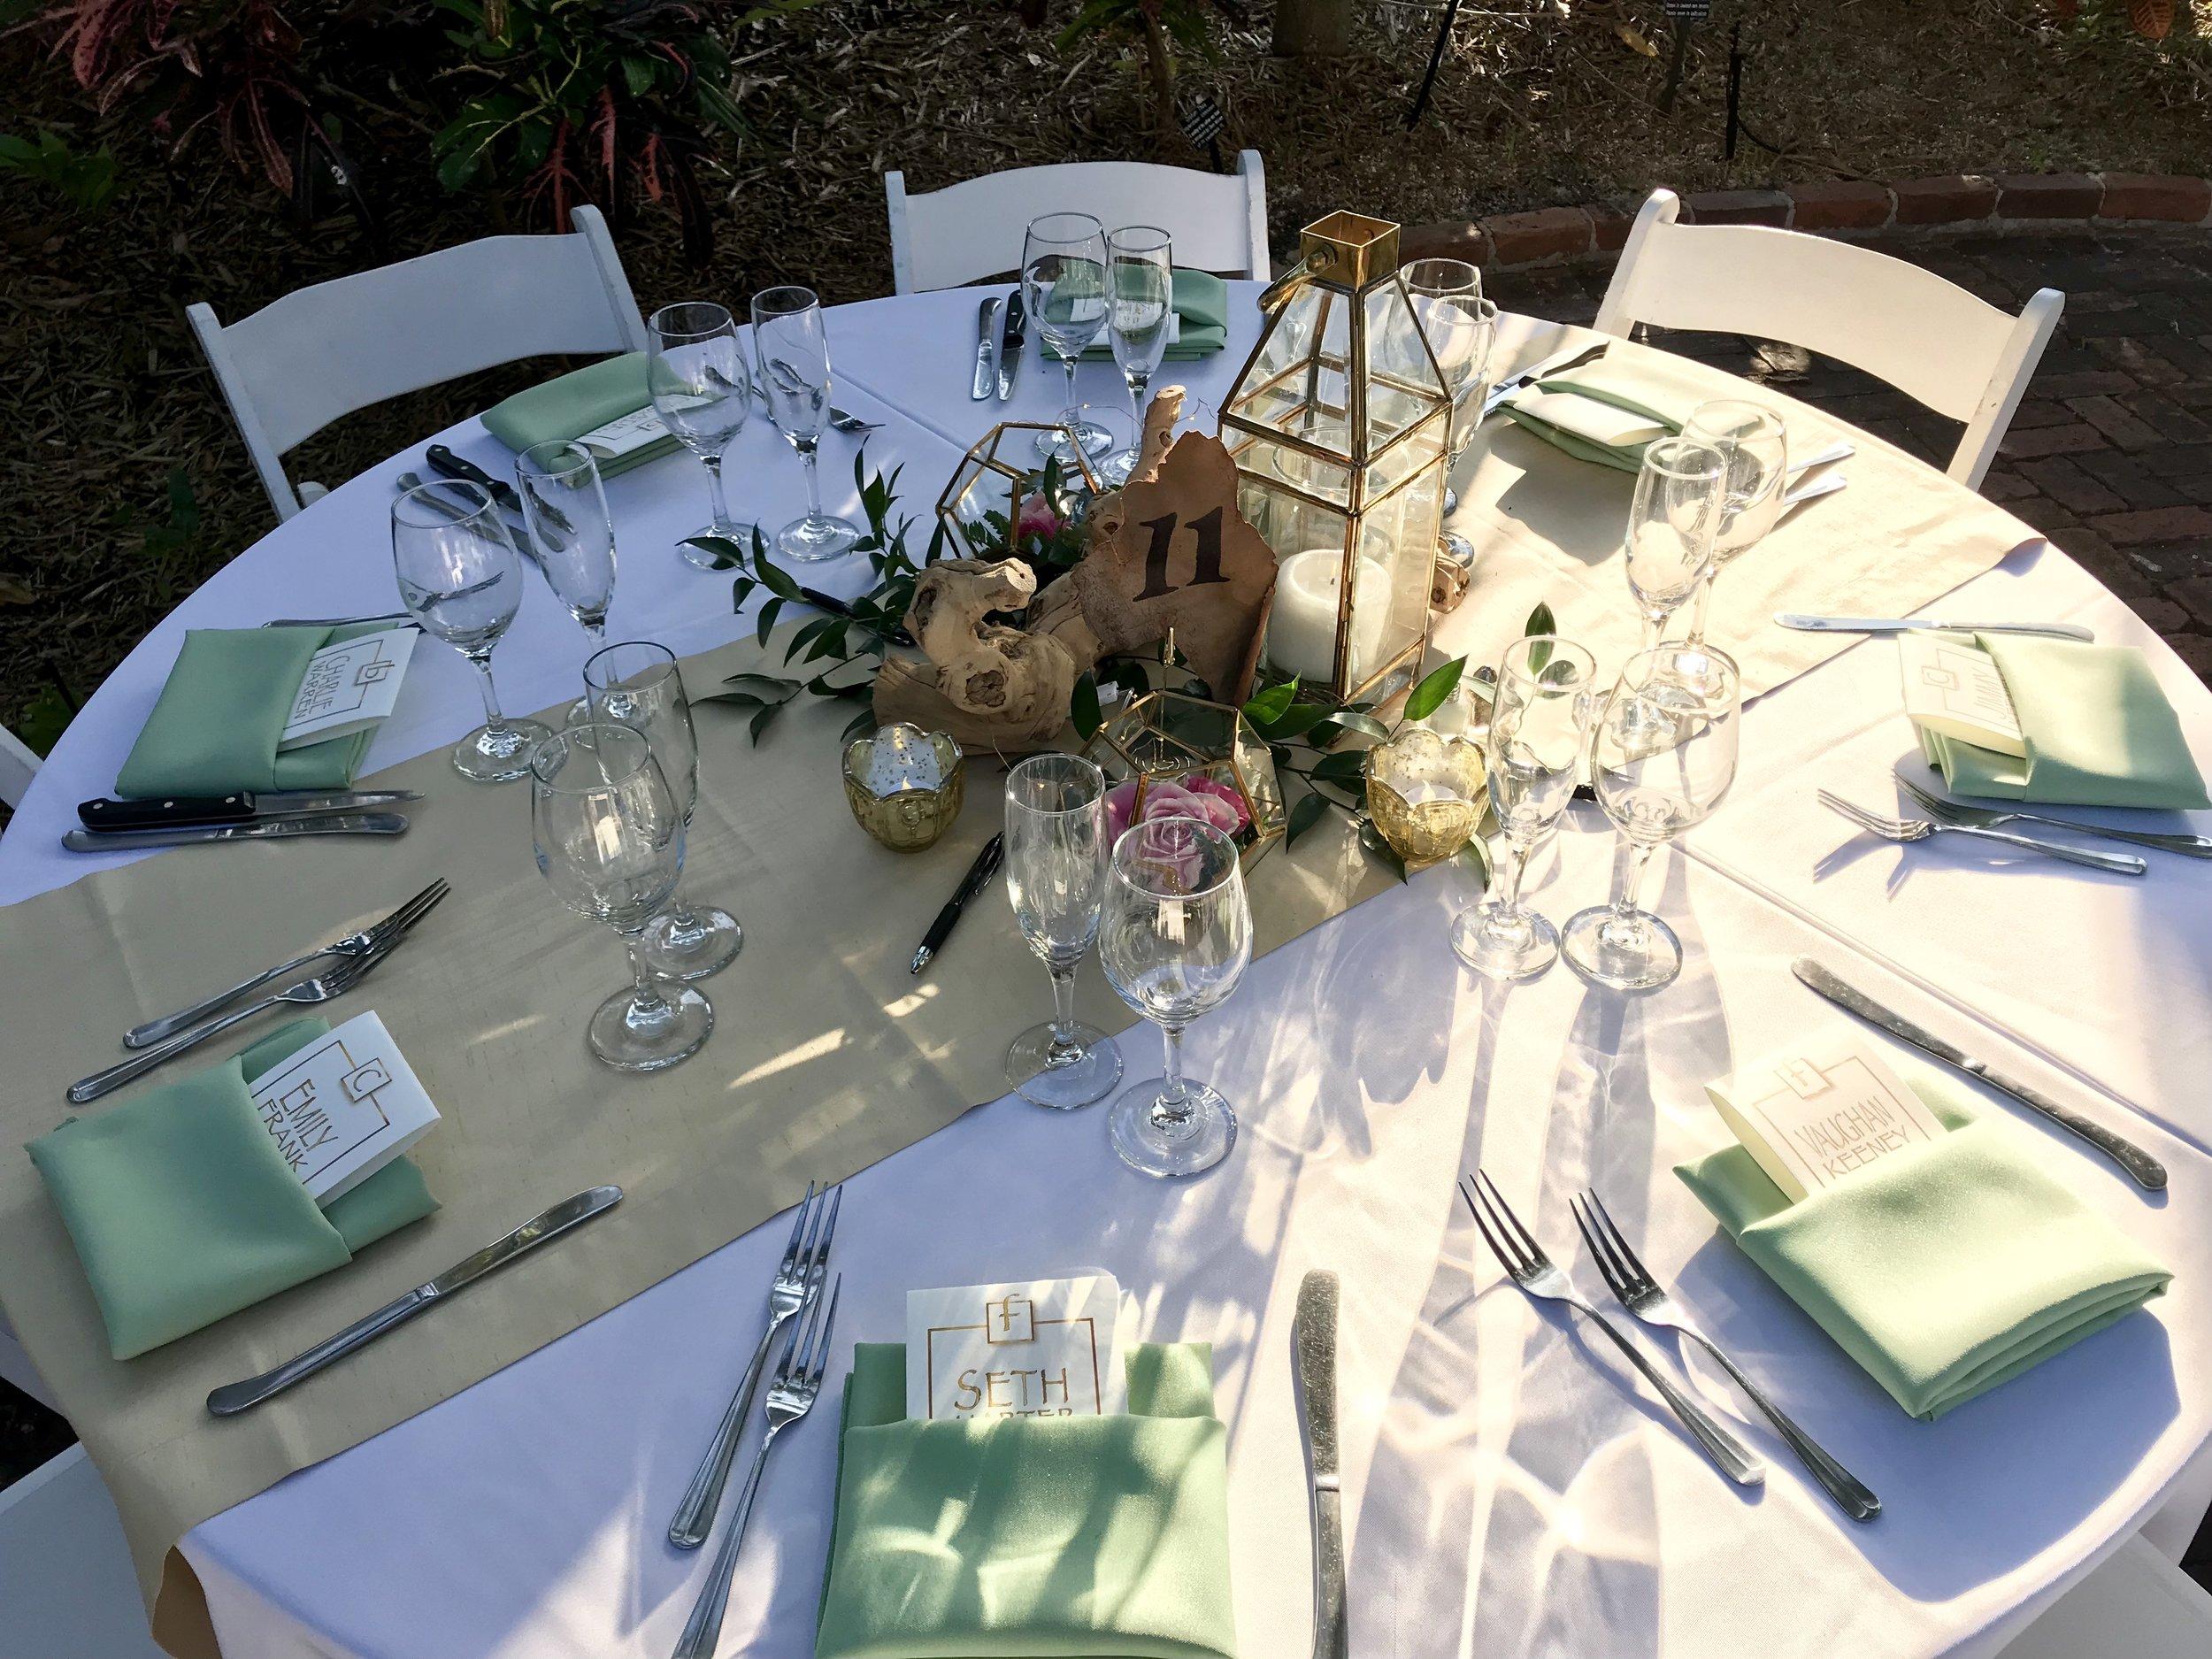 wedding Decor Table Setup